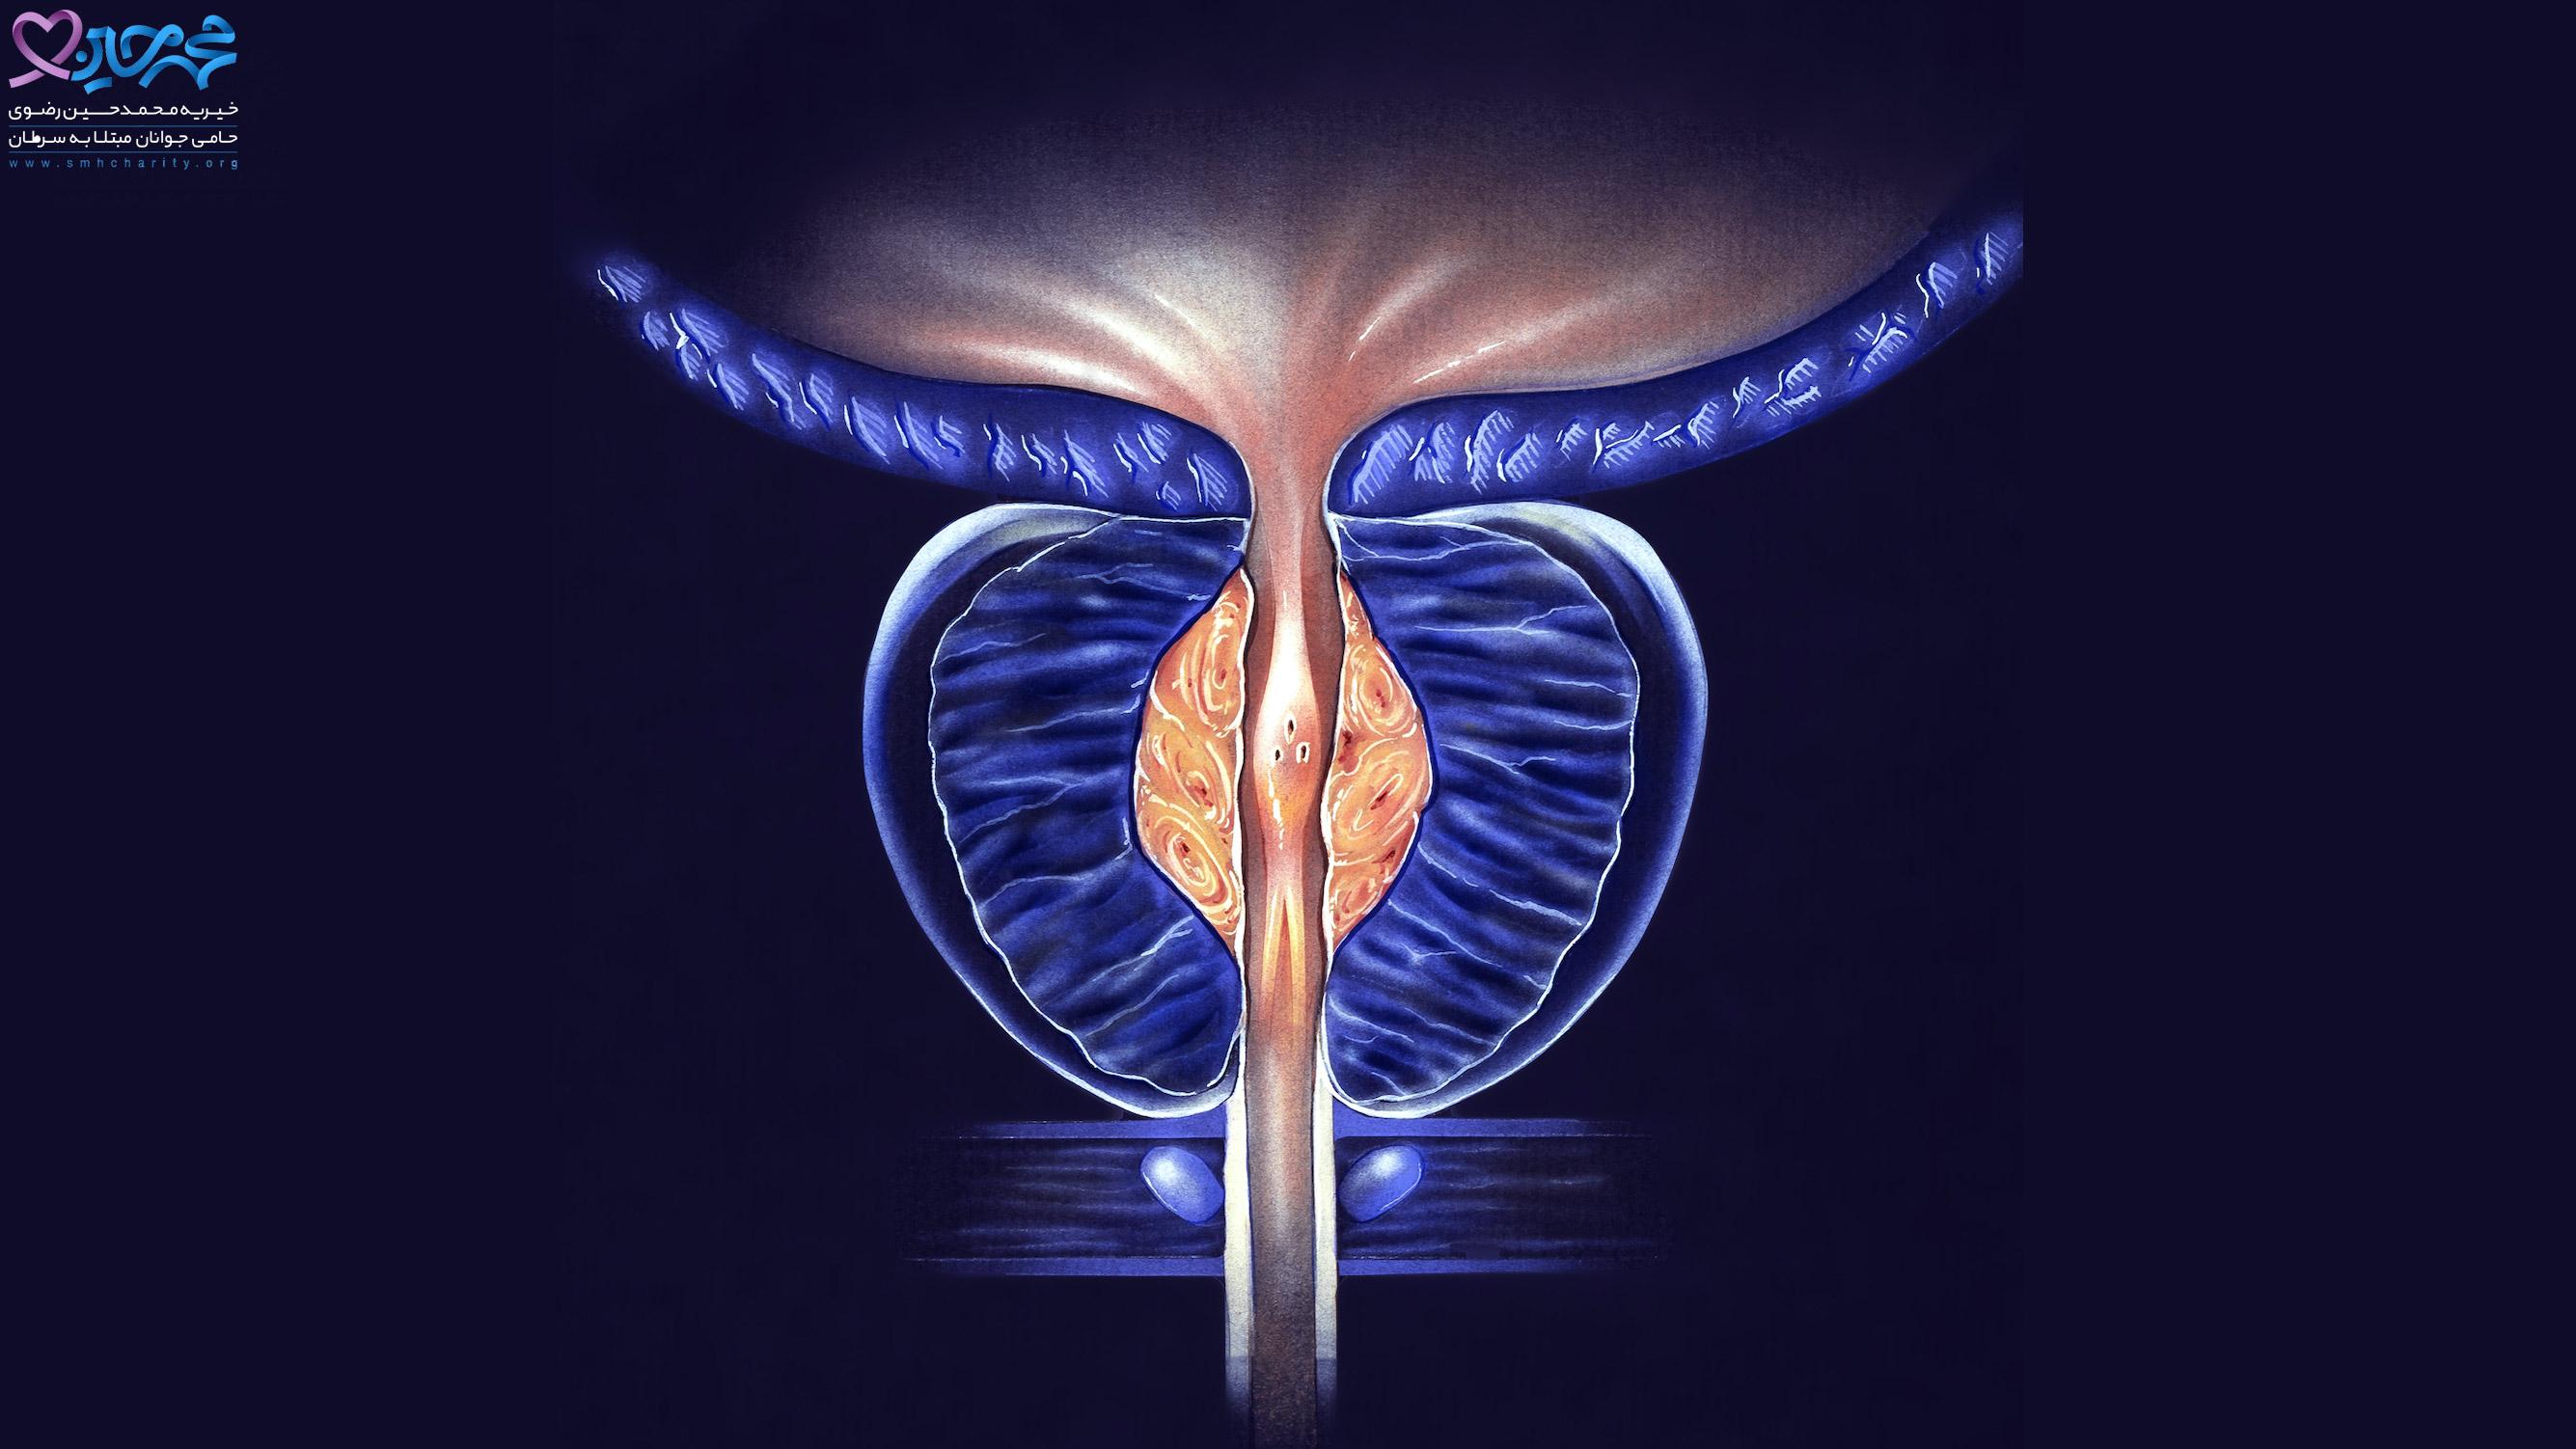 آیا بزرگ شدن پروستات خطرناک است و منجر به سرطان می شود؟